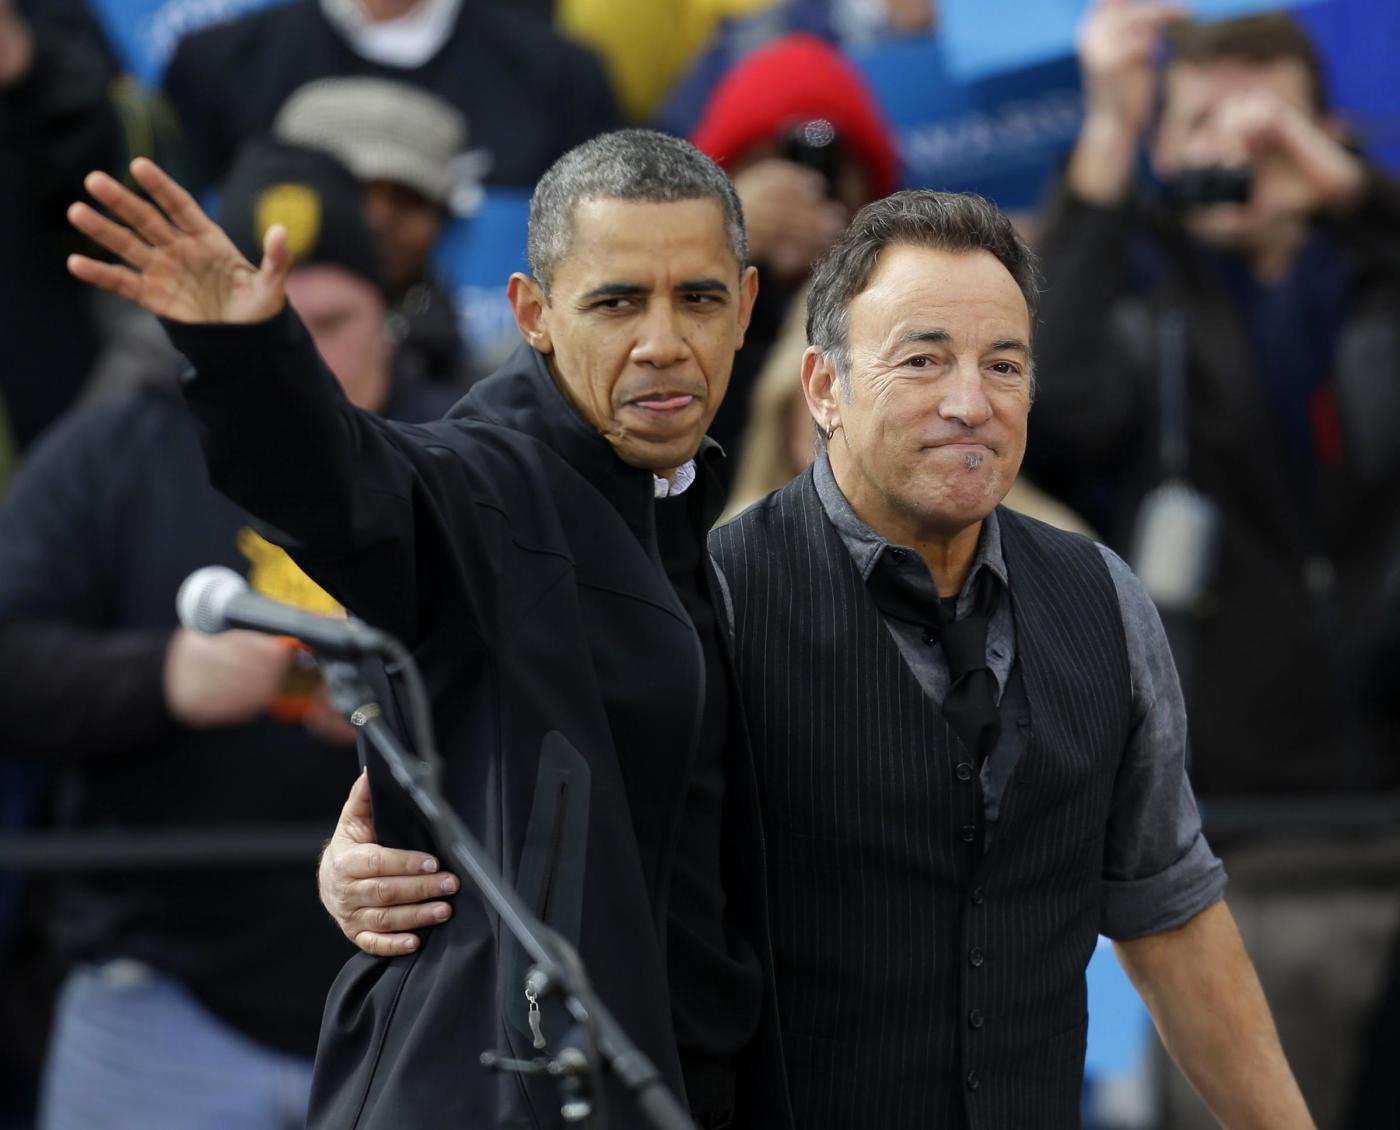 Elezioni USA, Bruce Springsteen suona per Obama01